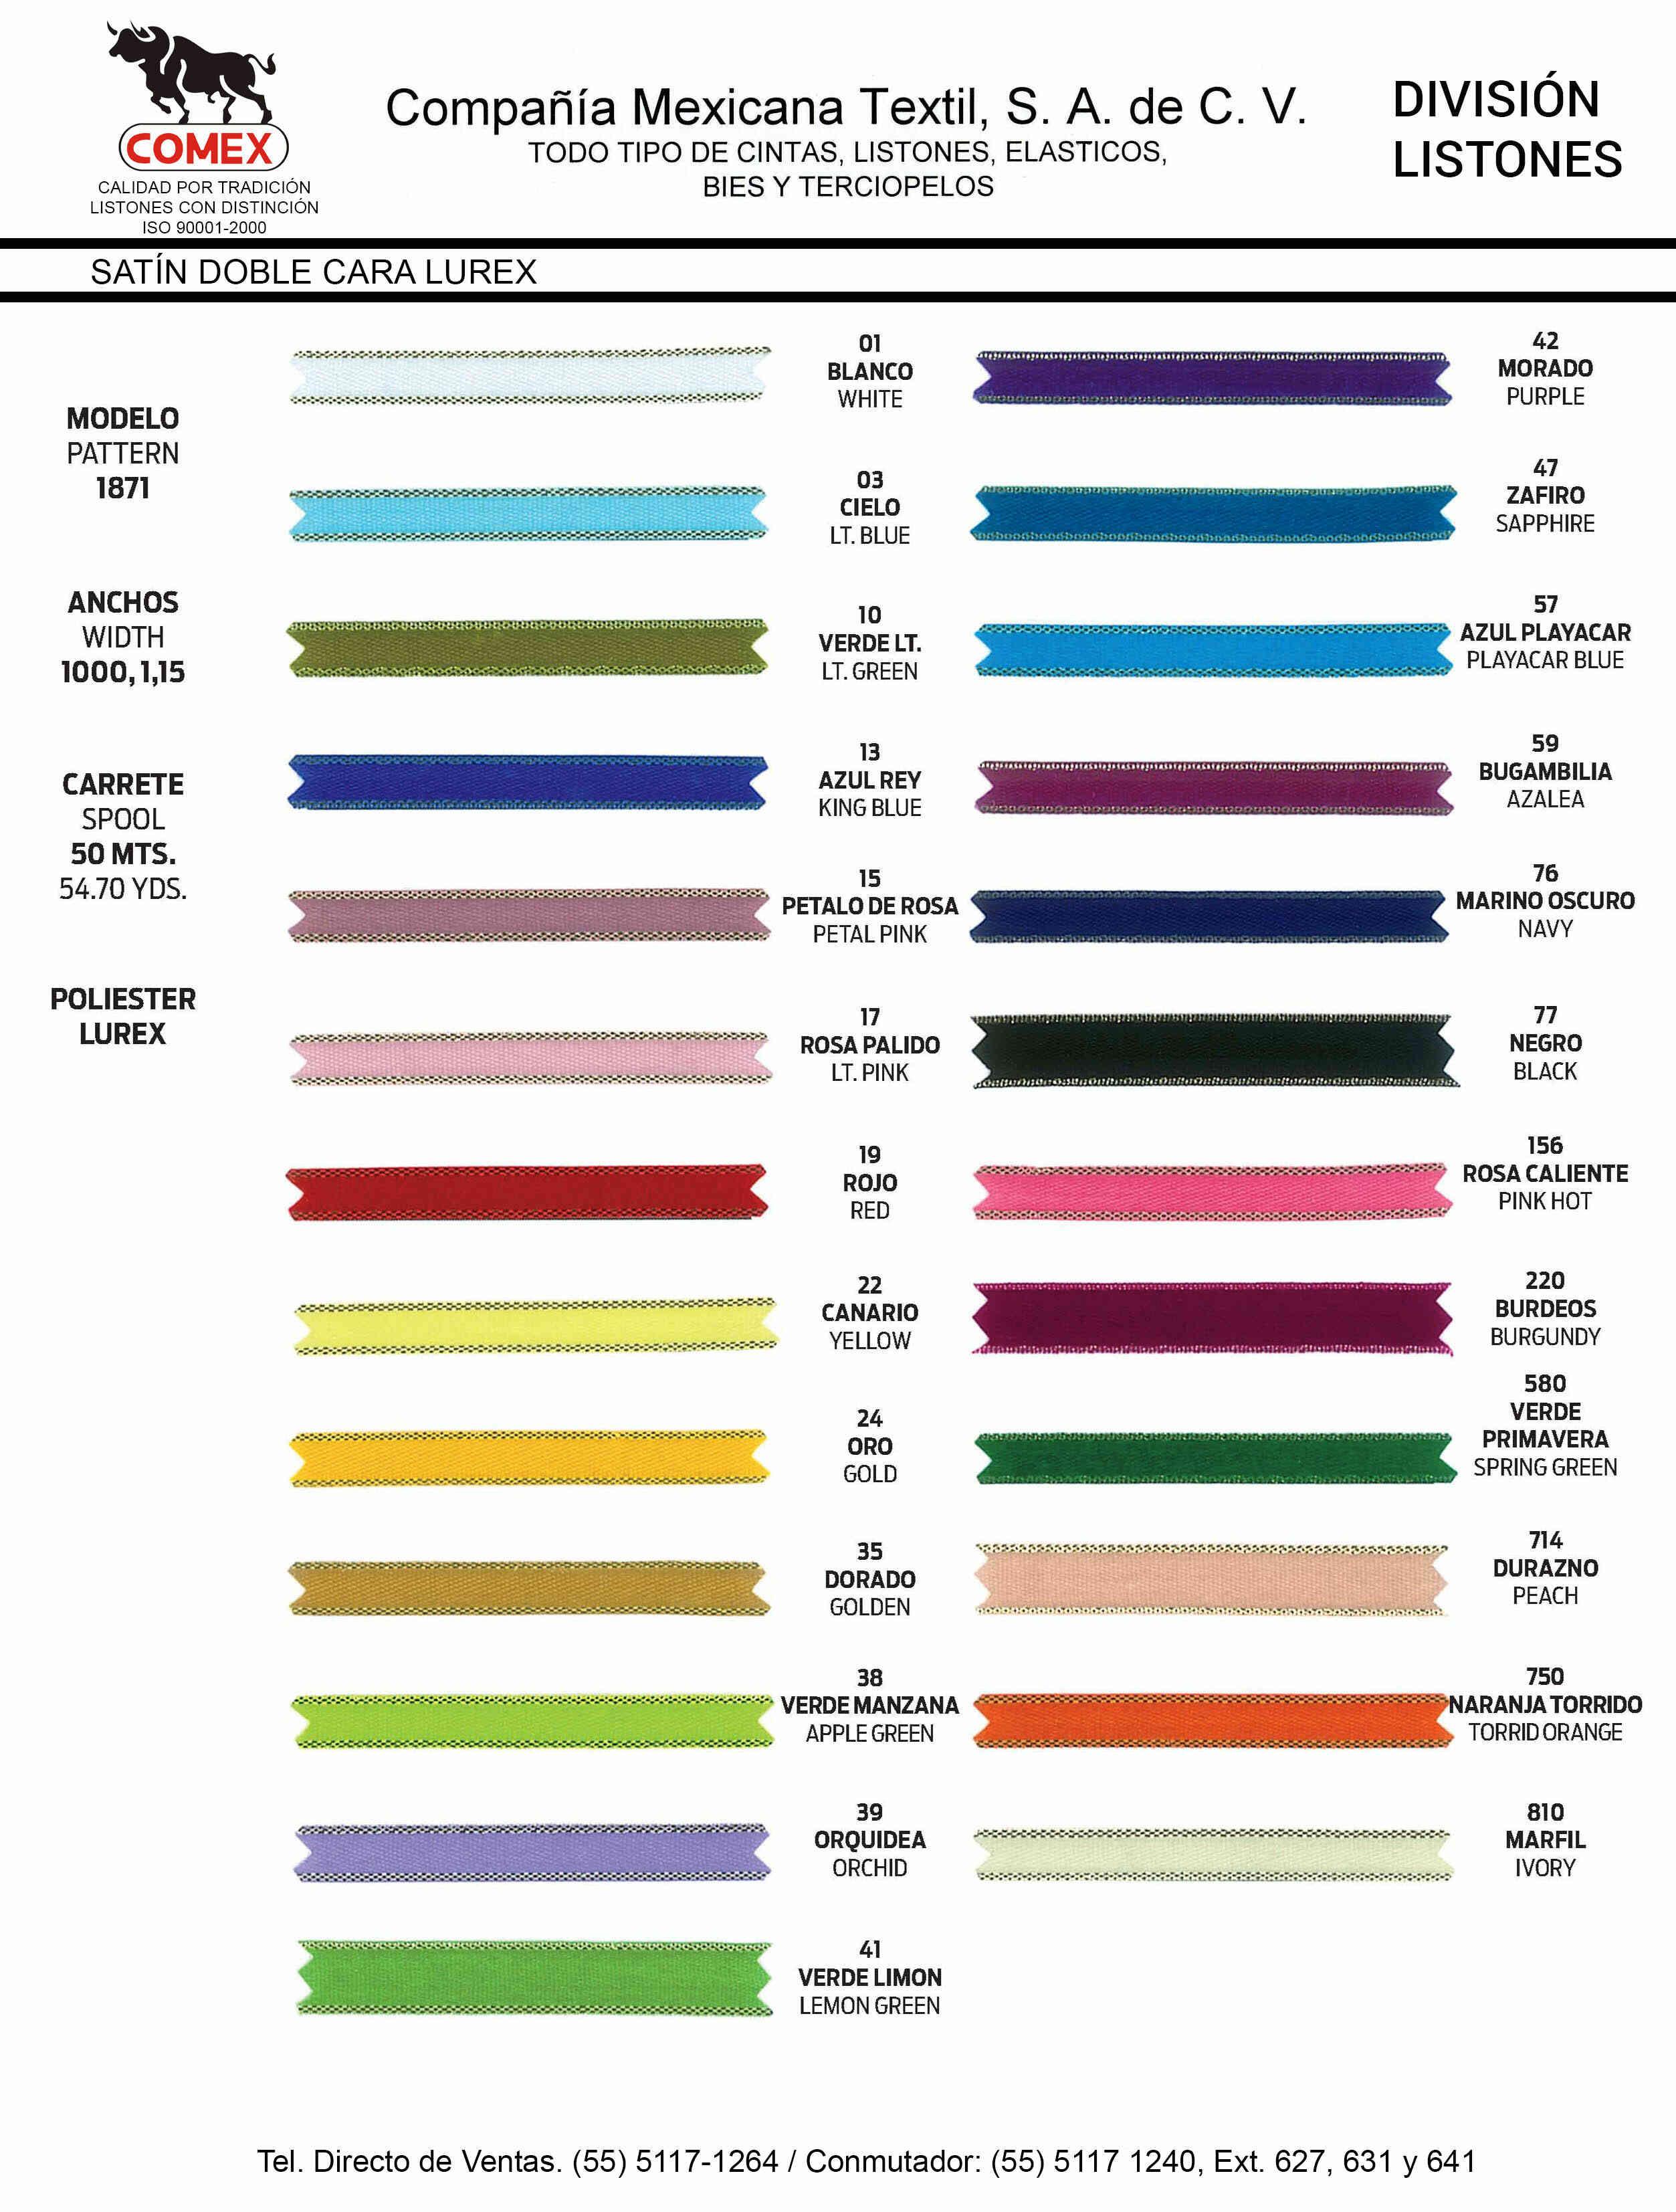 Anchos y Colores de Liston Mod.1871